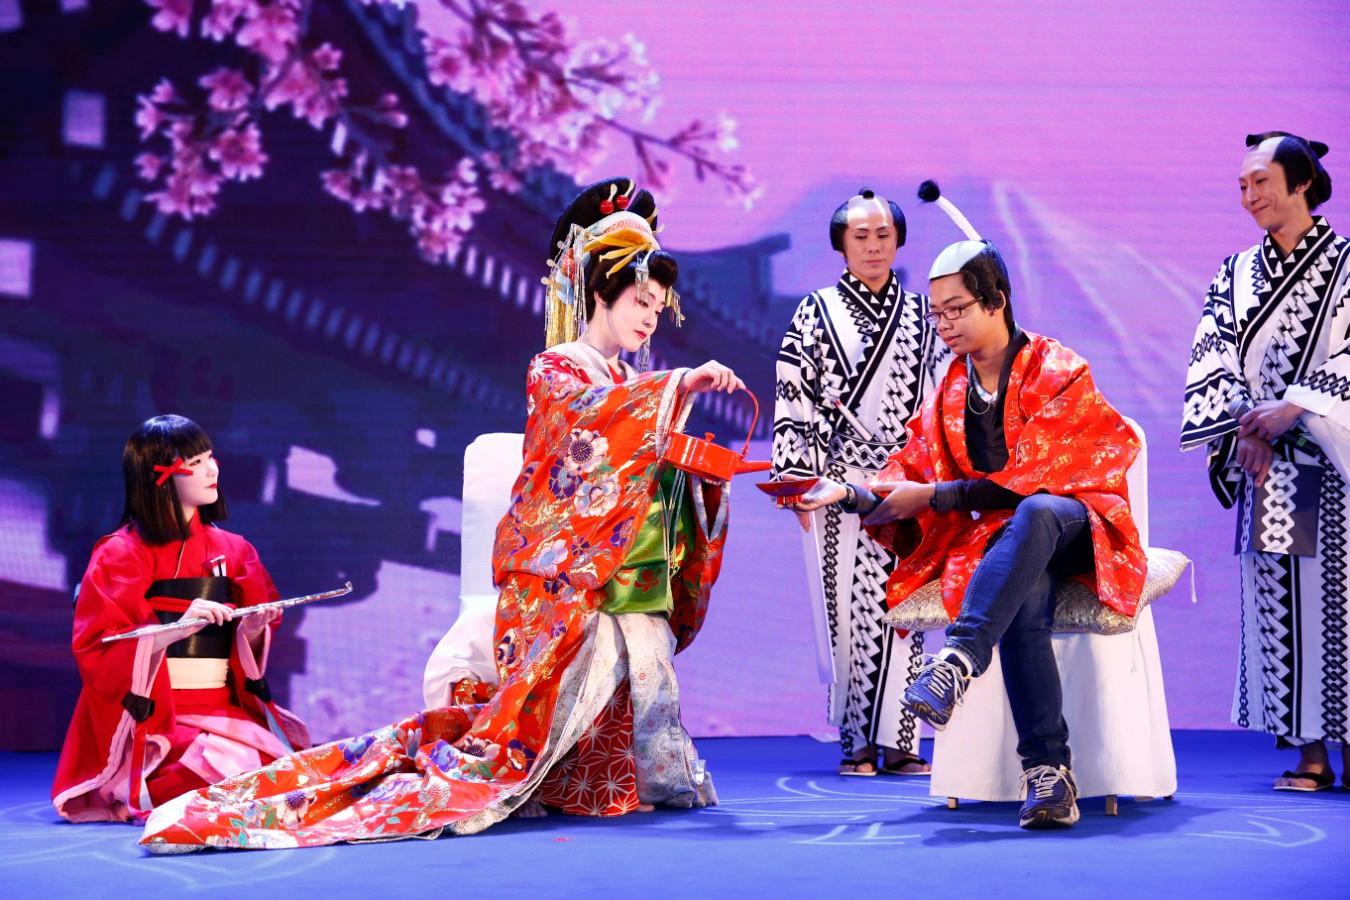 Lam Trường, Bích Phương hội ngộ tại Lễ hội Nhật Bản mùa hè 2019 - Ảnh 3.